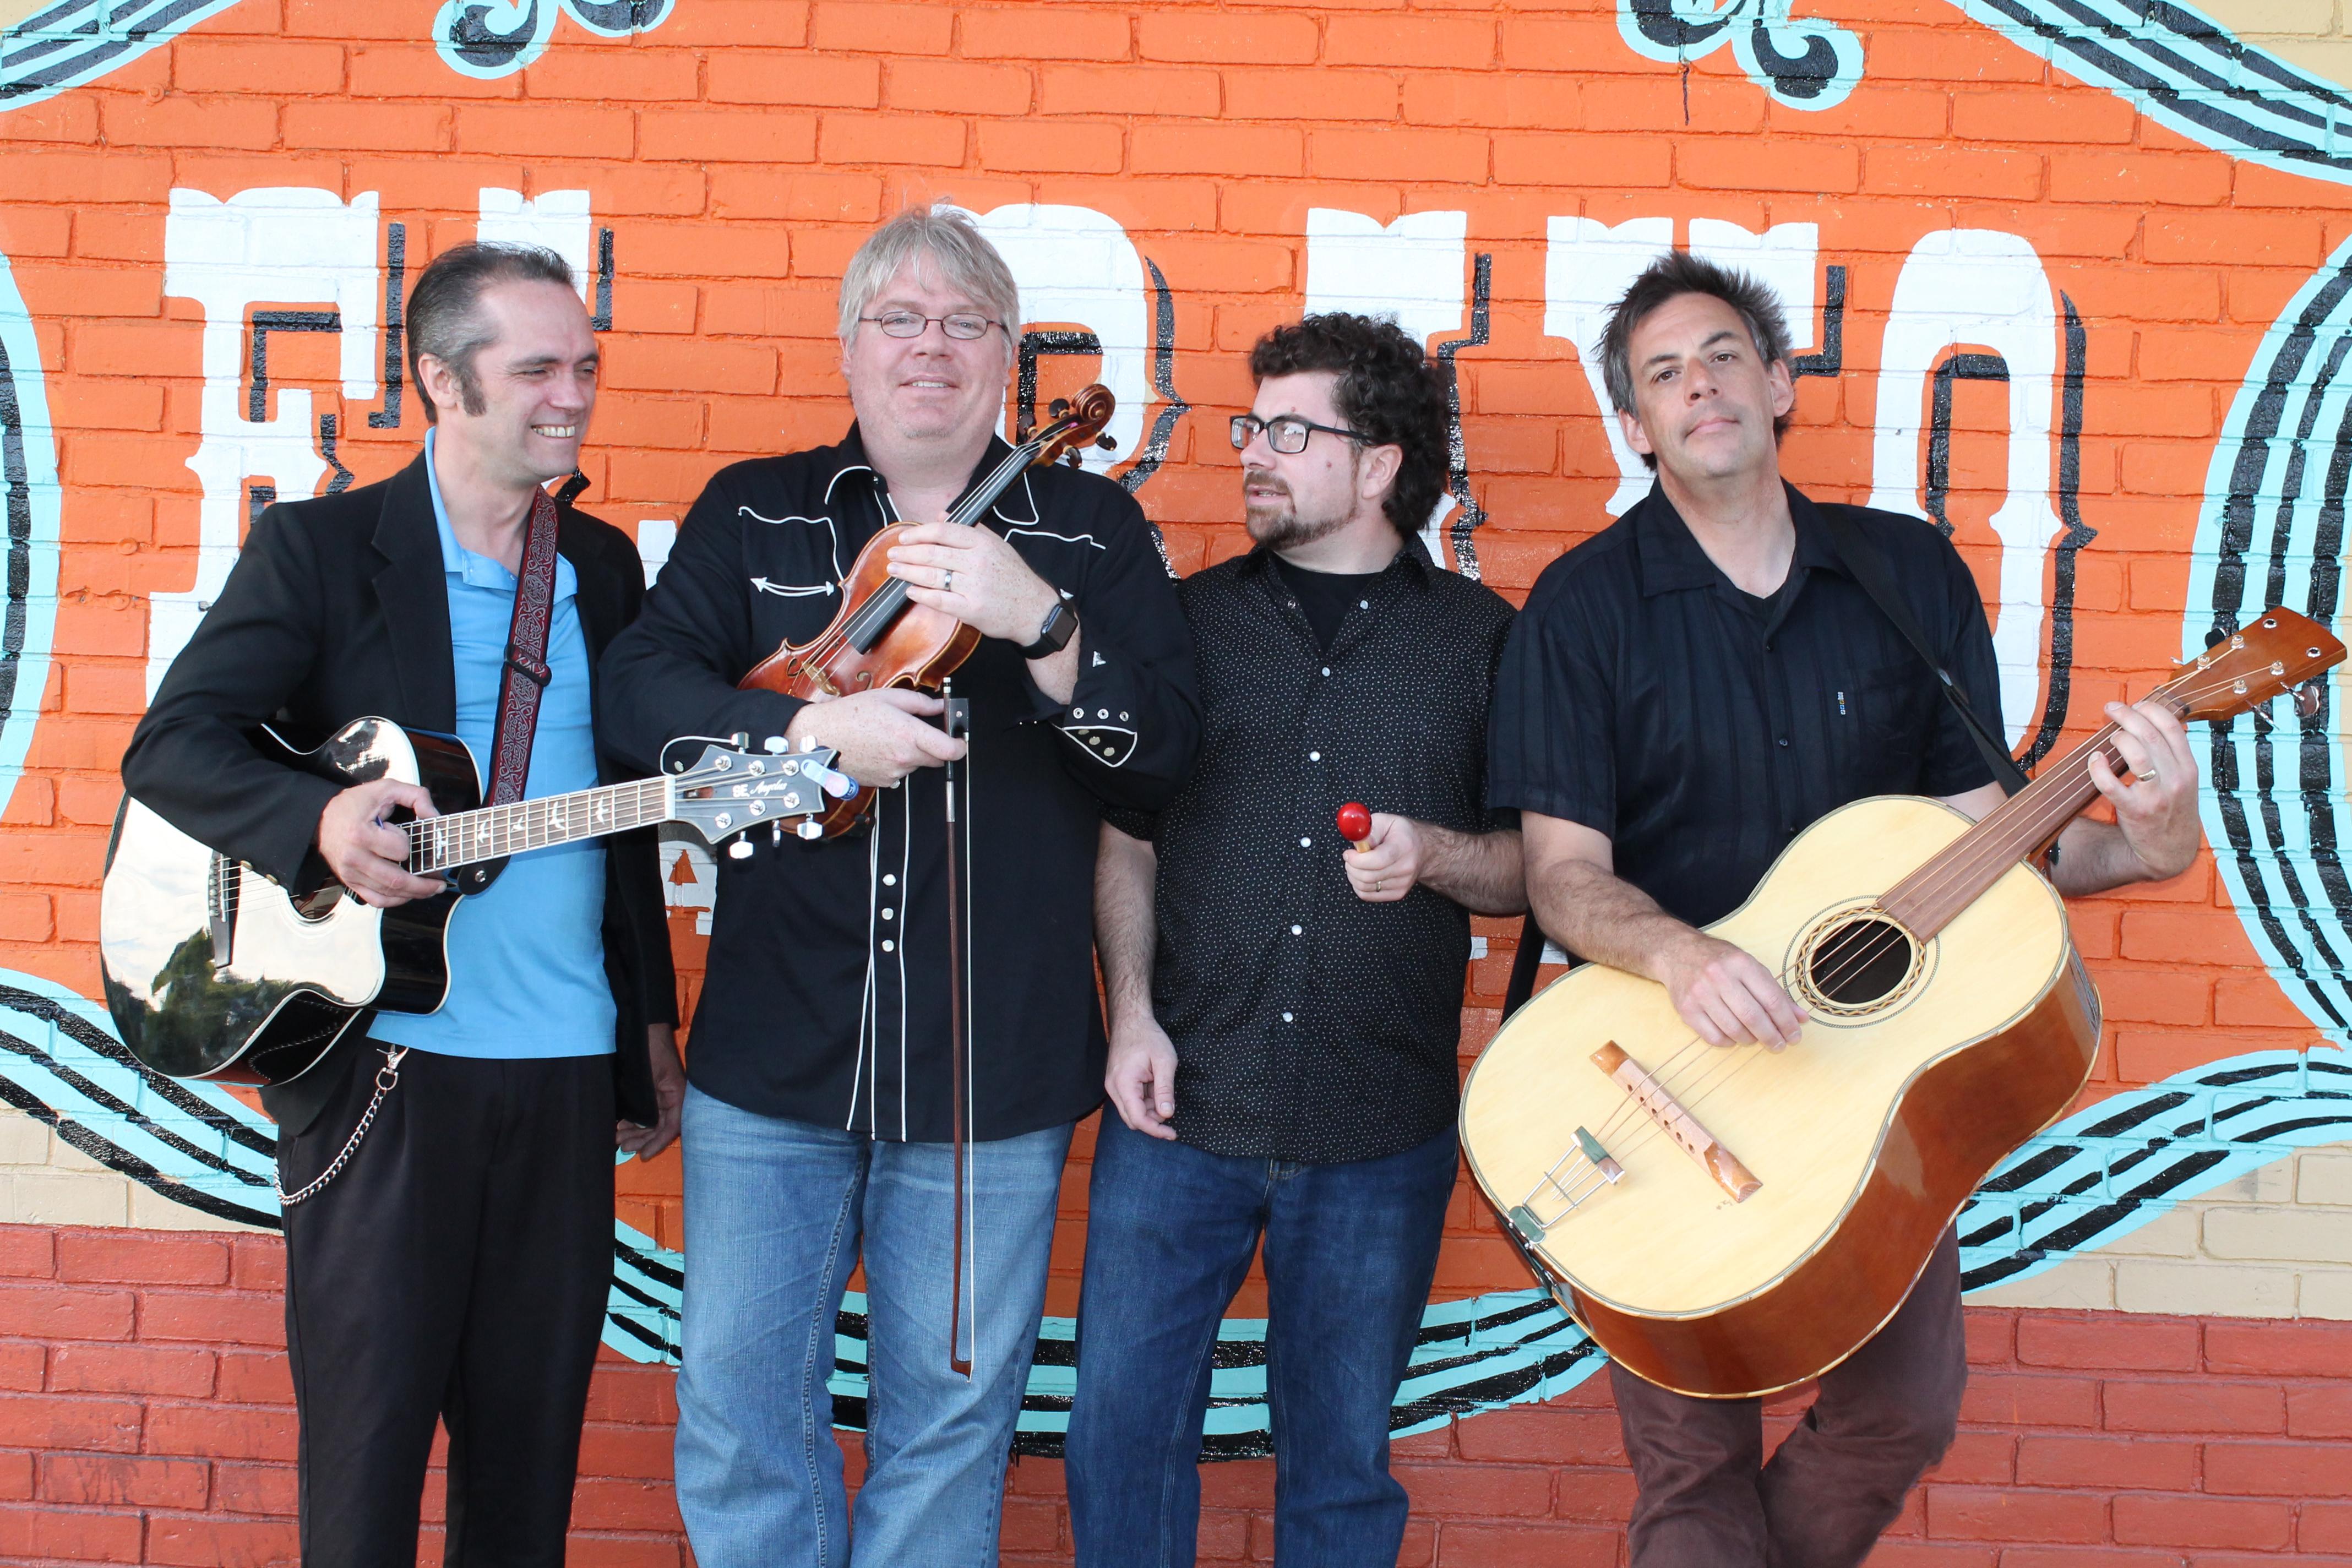 29th Annual Capriccio Music Festival <br>Andy Happel & Los